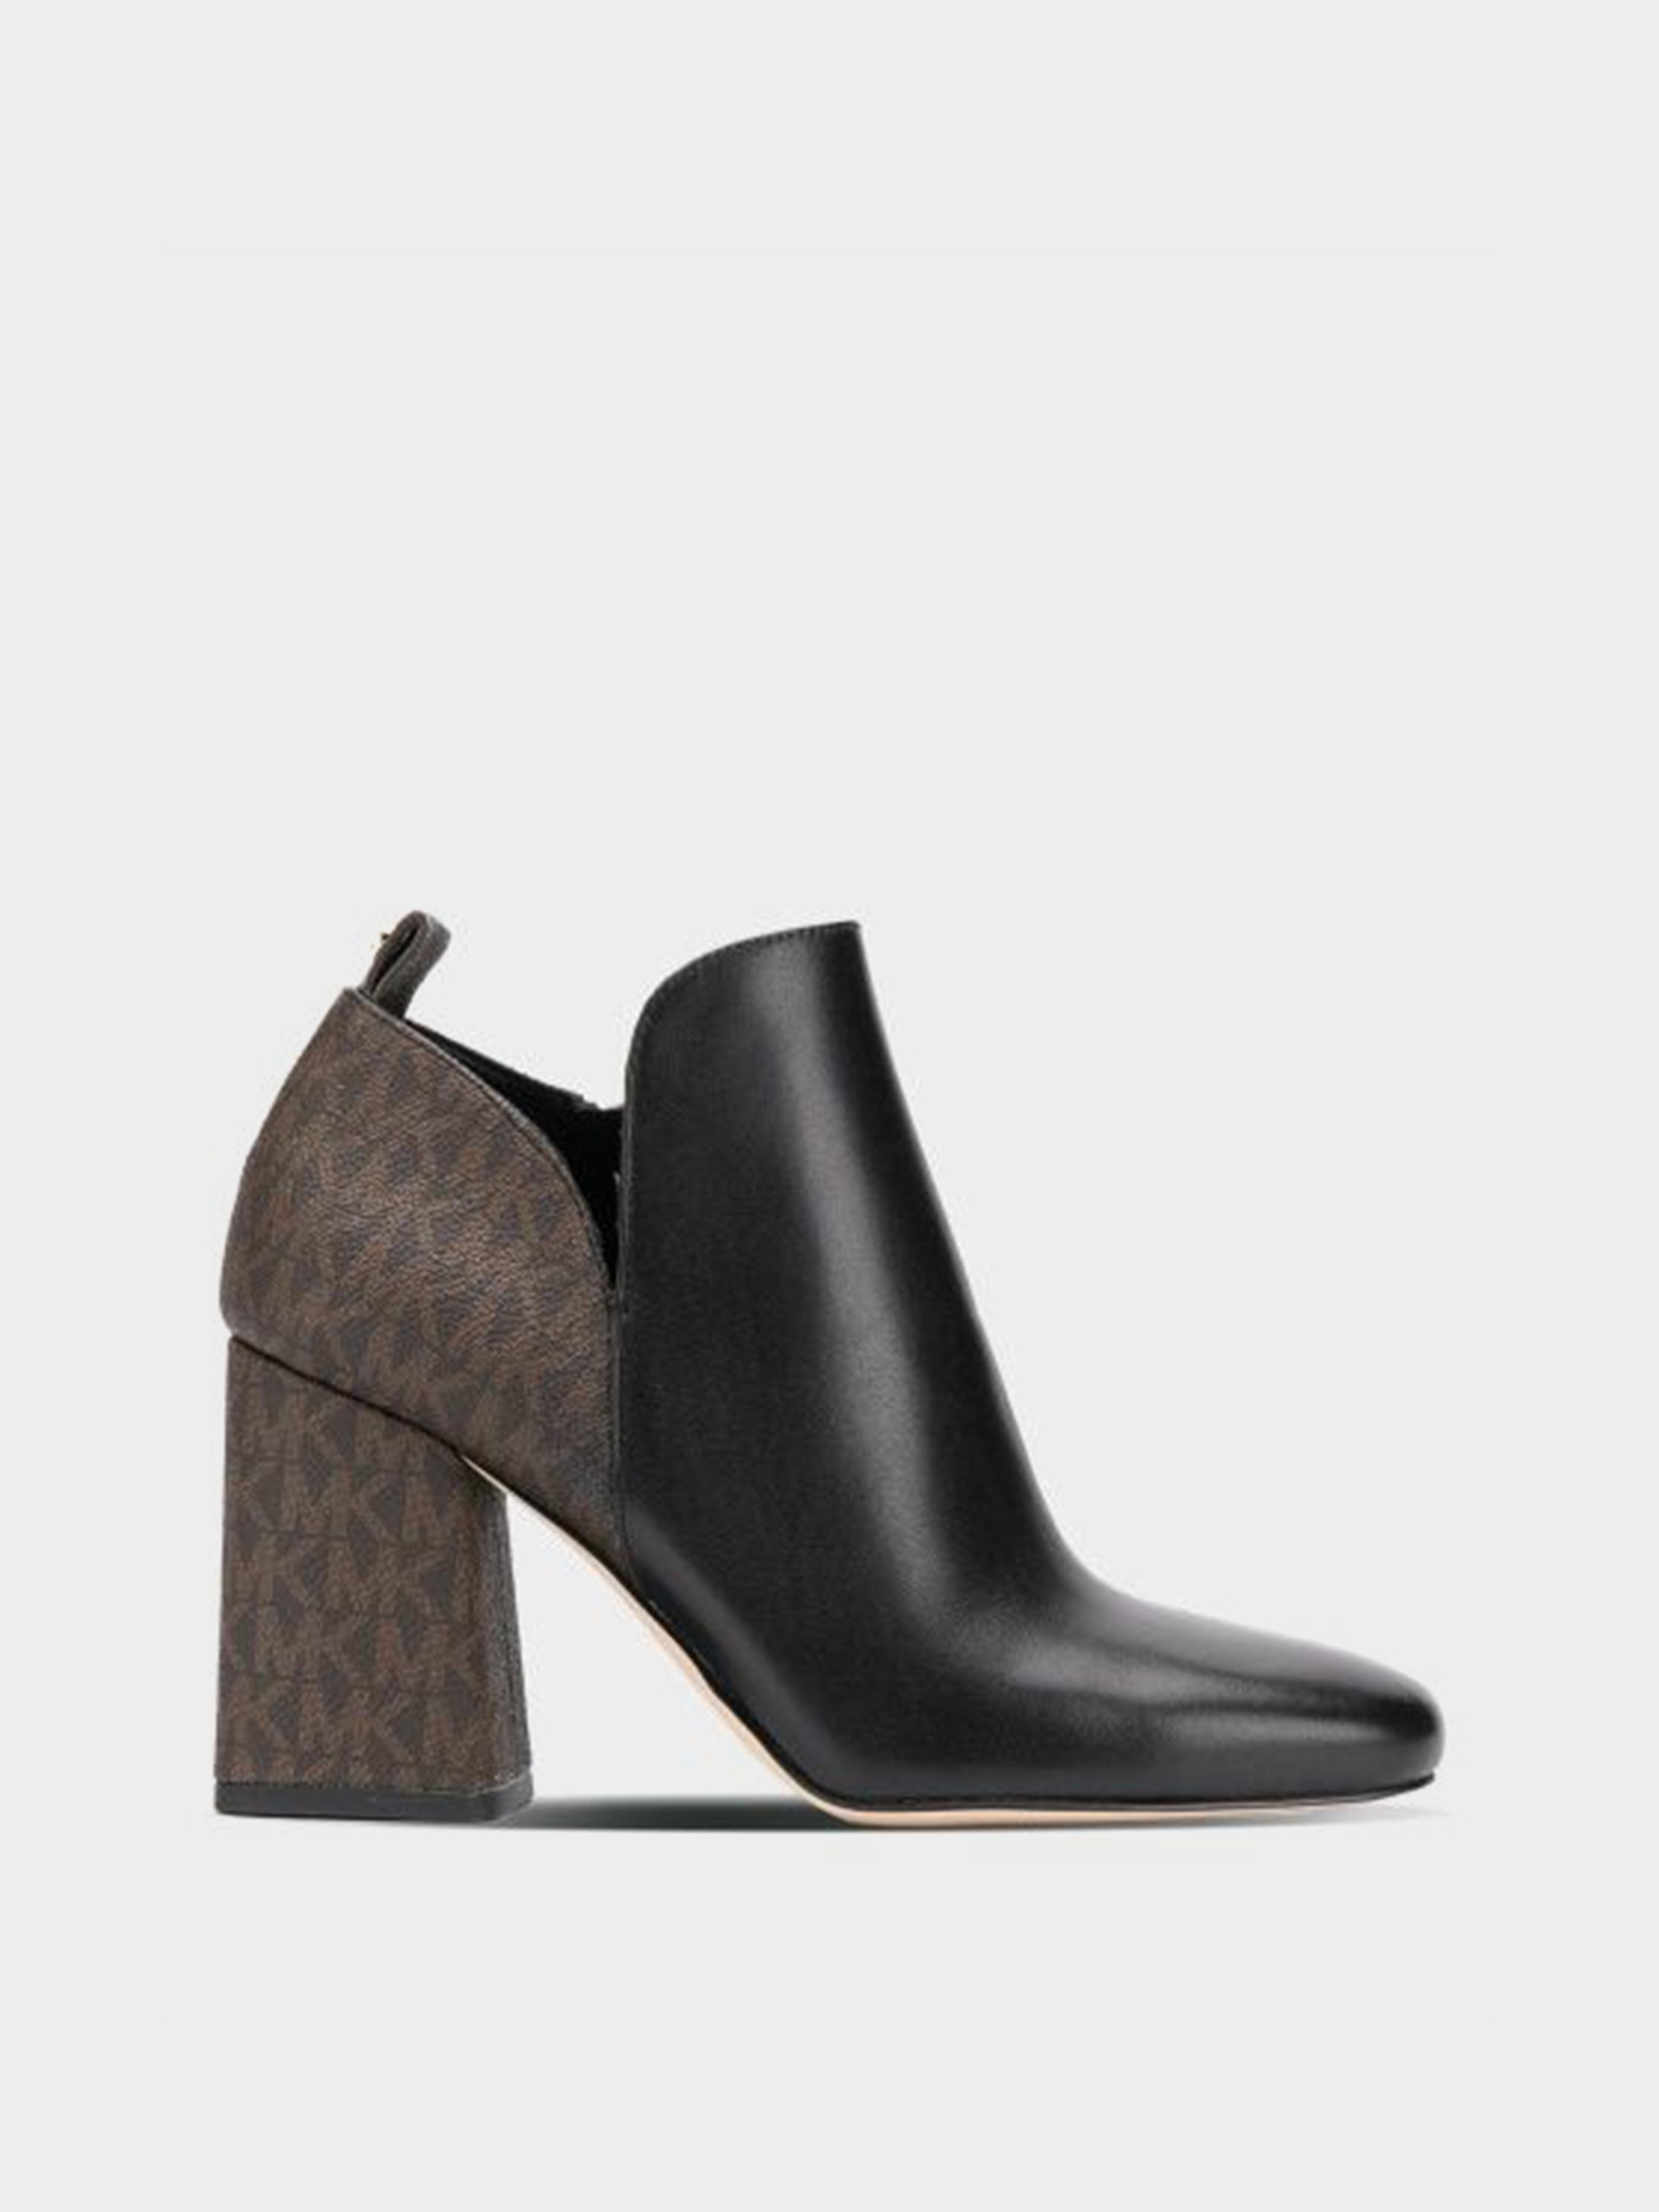 Ботинки женские Michael Kors 4Y38 размерная сетка обуви, 2017